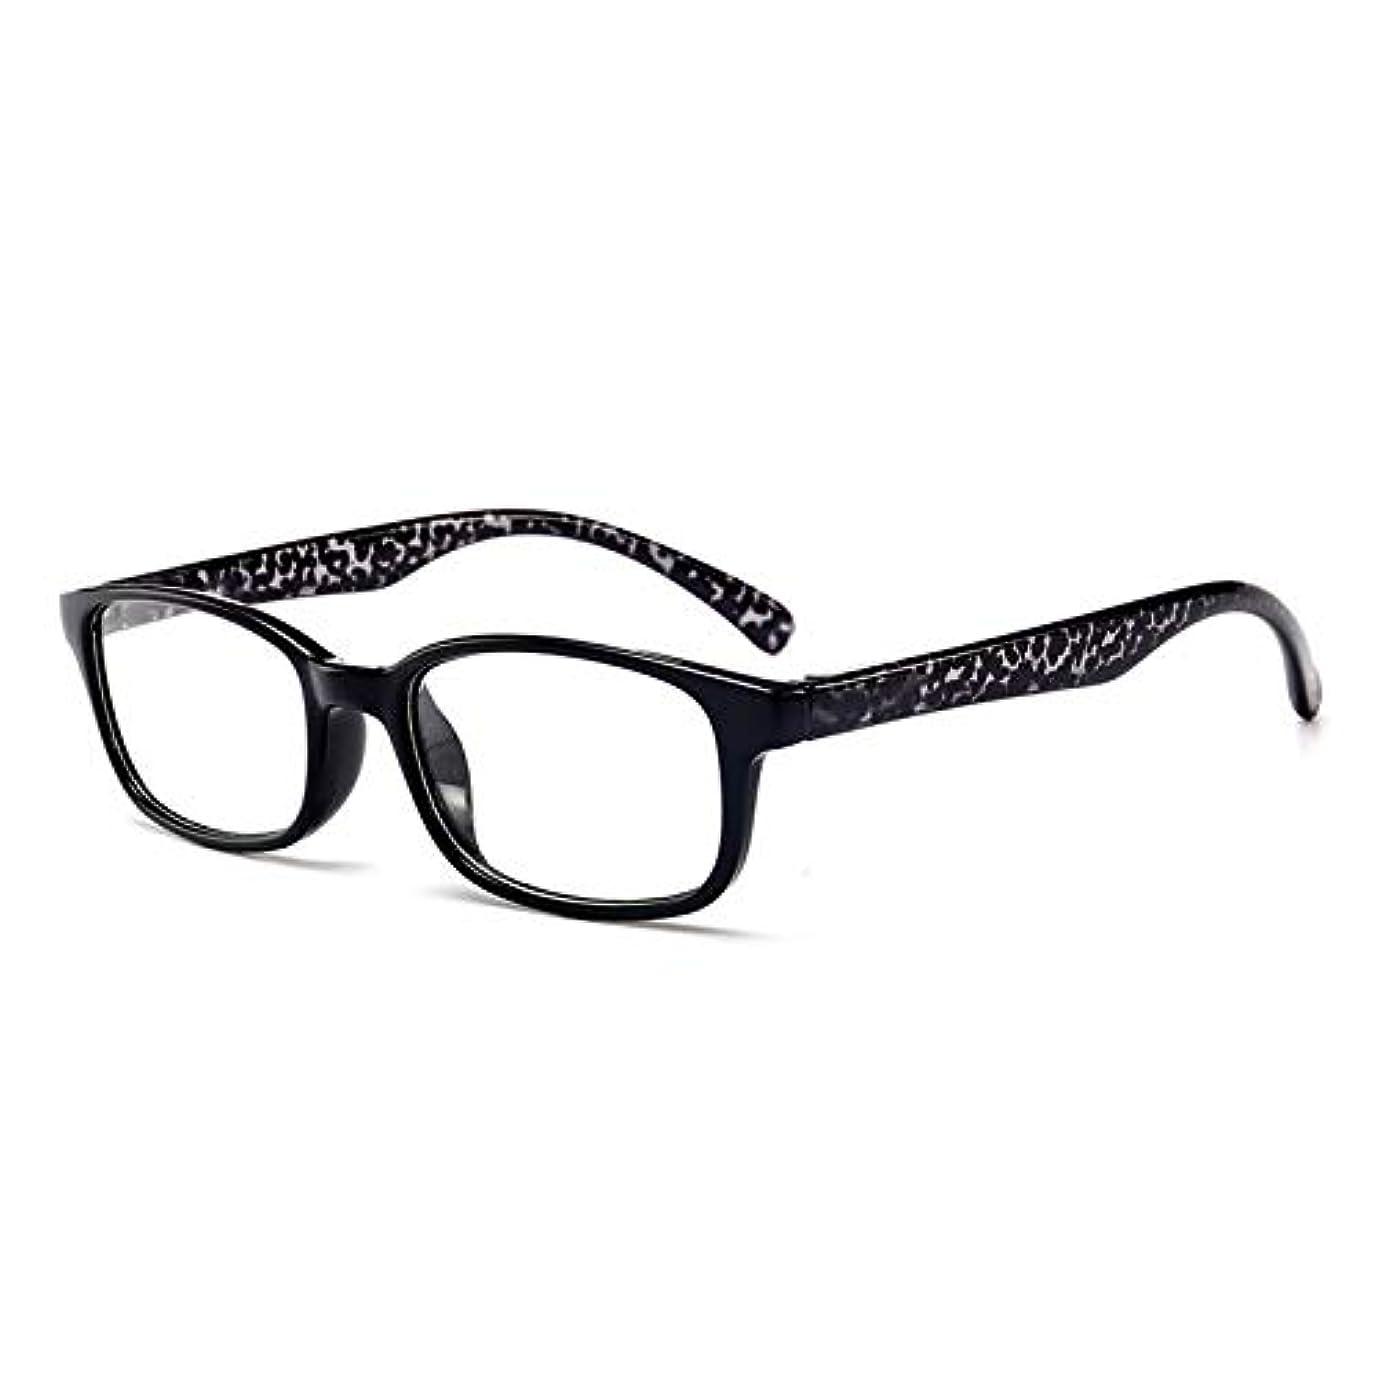 保護する背が高い立派なT980老眼鏡ジオプター+1.0?+4.0女性男性フルフレームラウンドレンズ老視メガネ超軽量抗疲労-ホワイト150